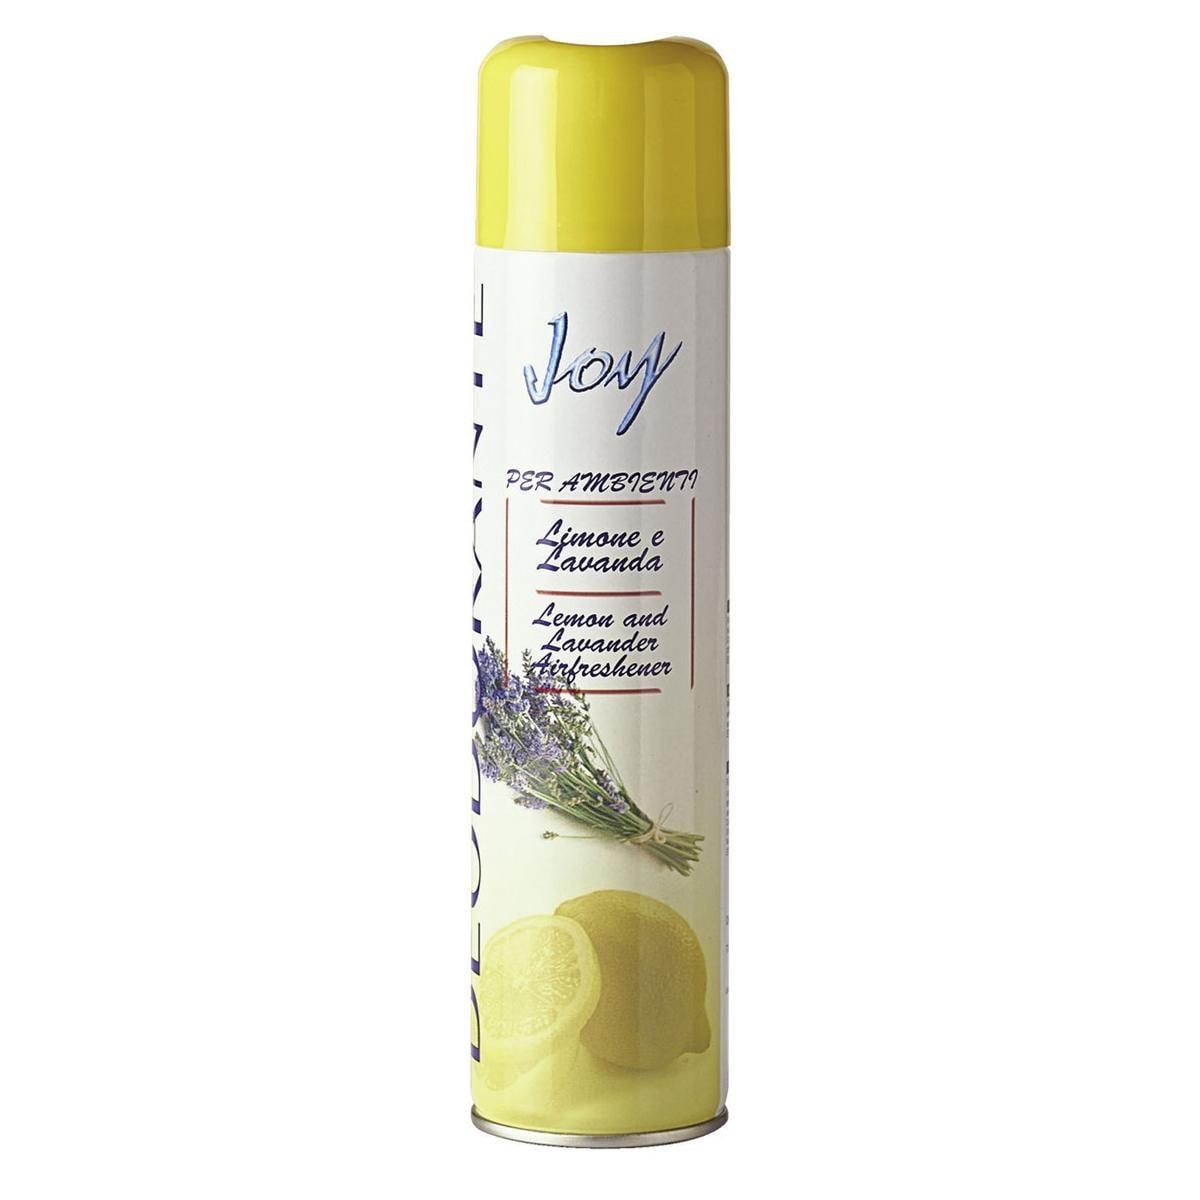 Deodoranti Per Ambienti.Deodoranti Per Ambienti Profumo Limone